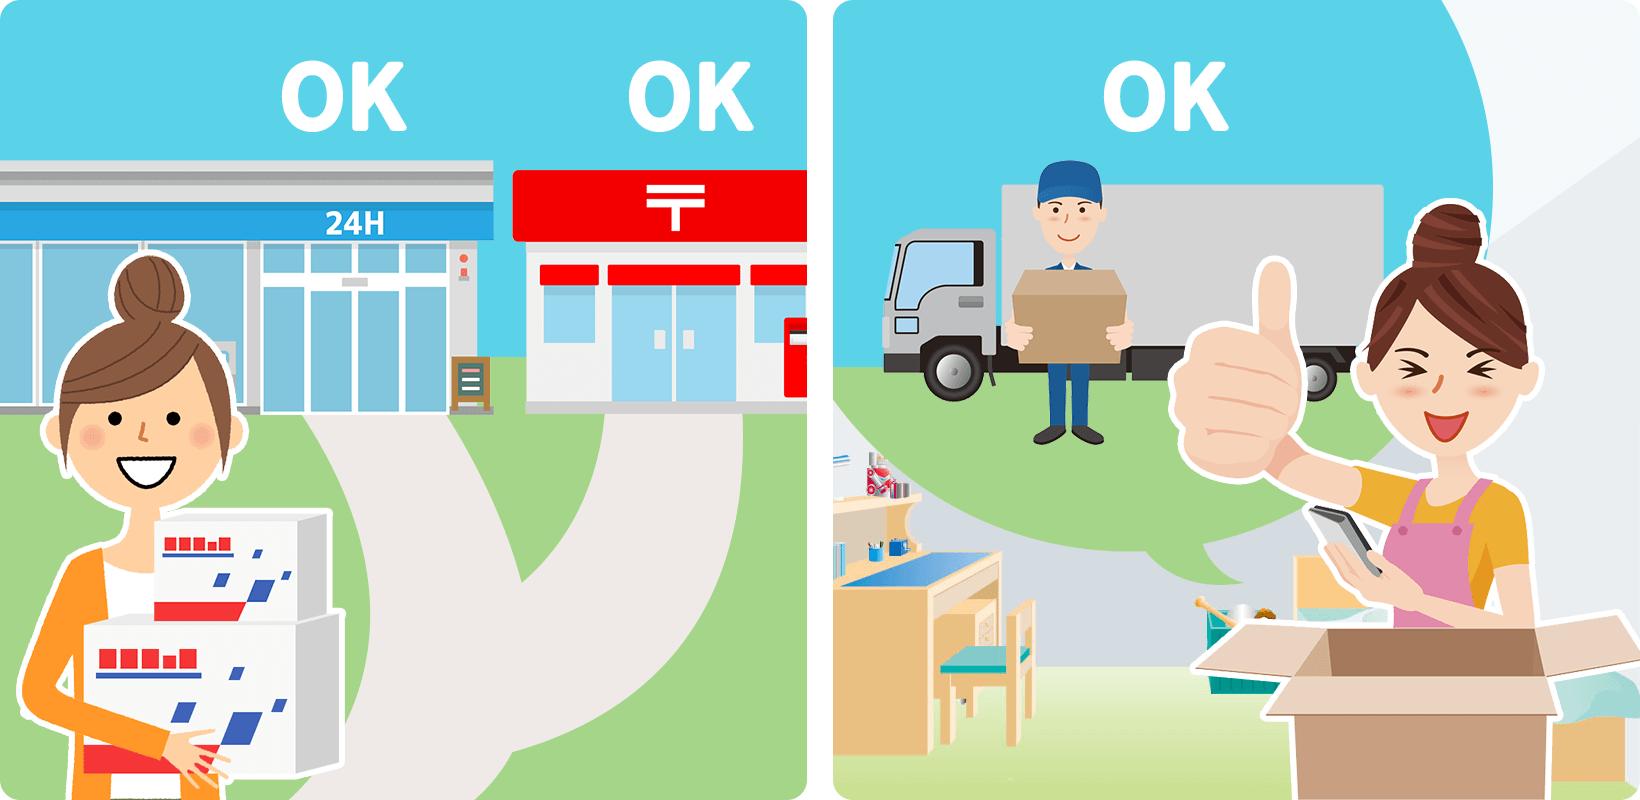 ゆうパックの発送方法するには、郵便局かコンビニに荷物を持ち込むか、集荷依頼する